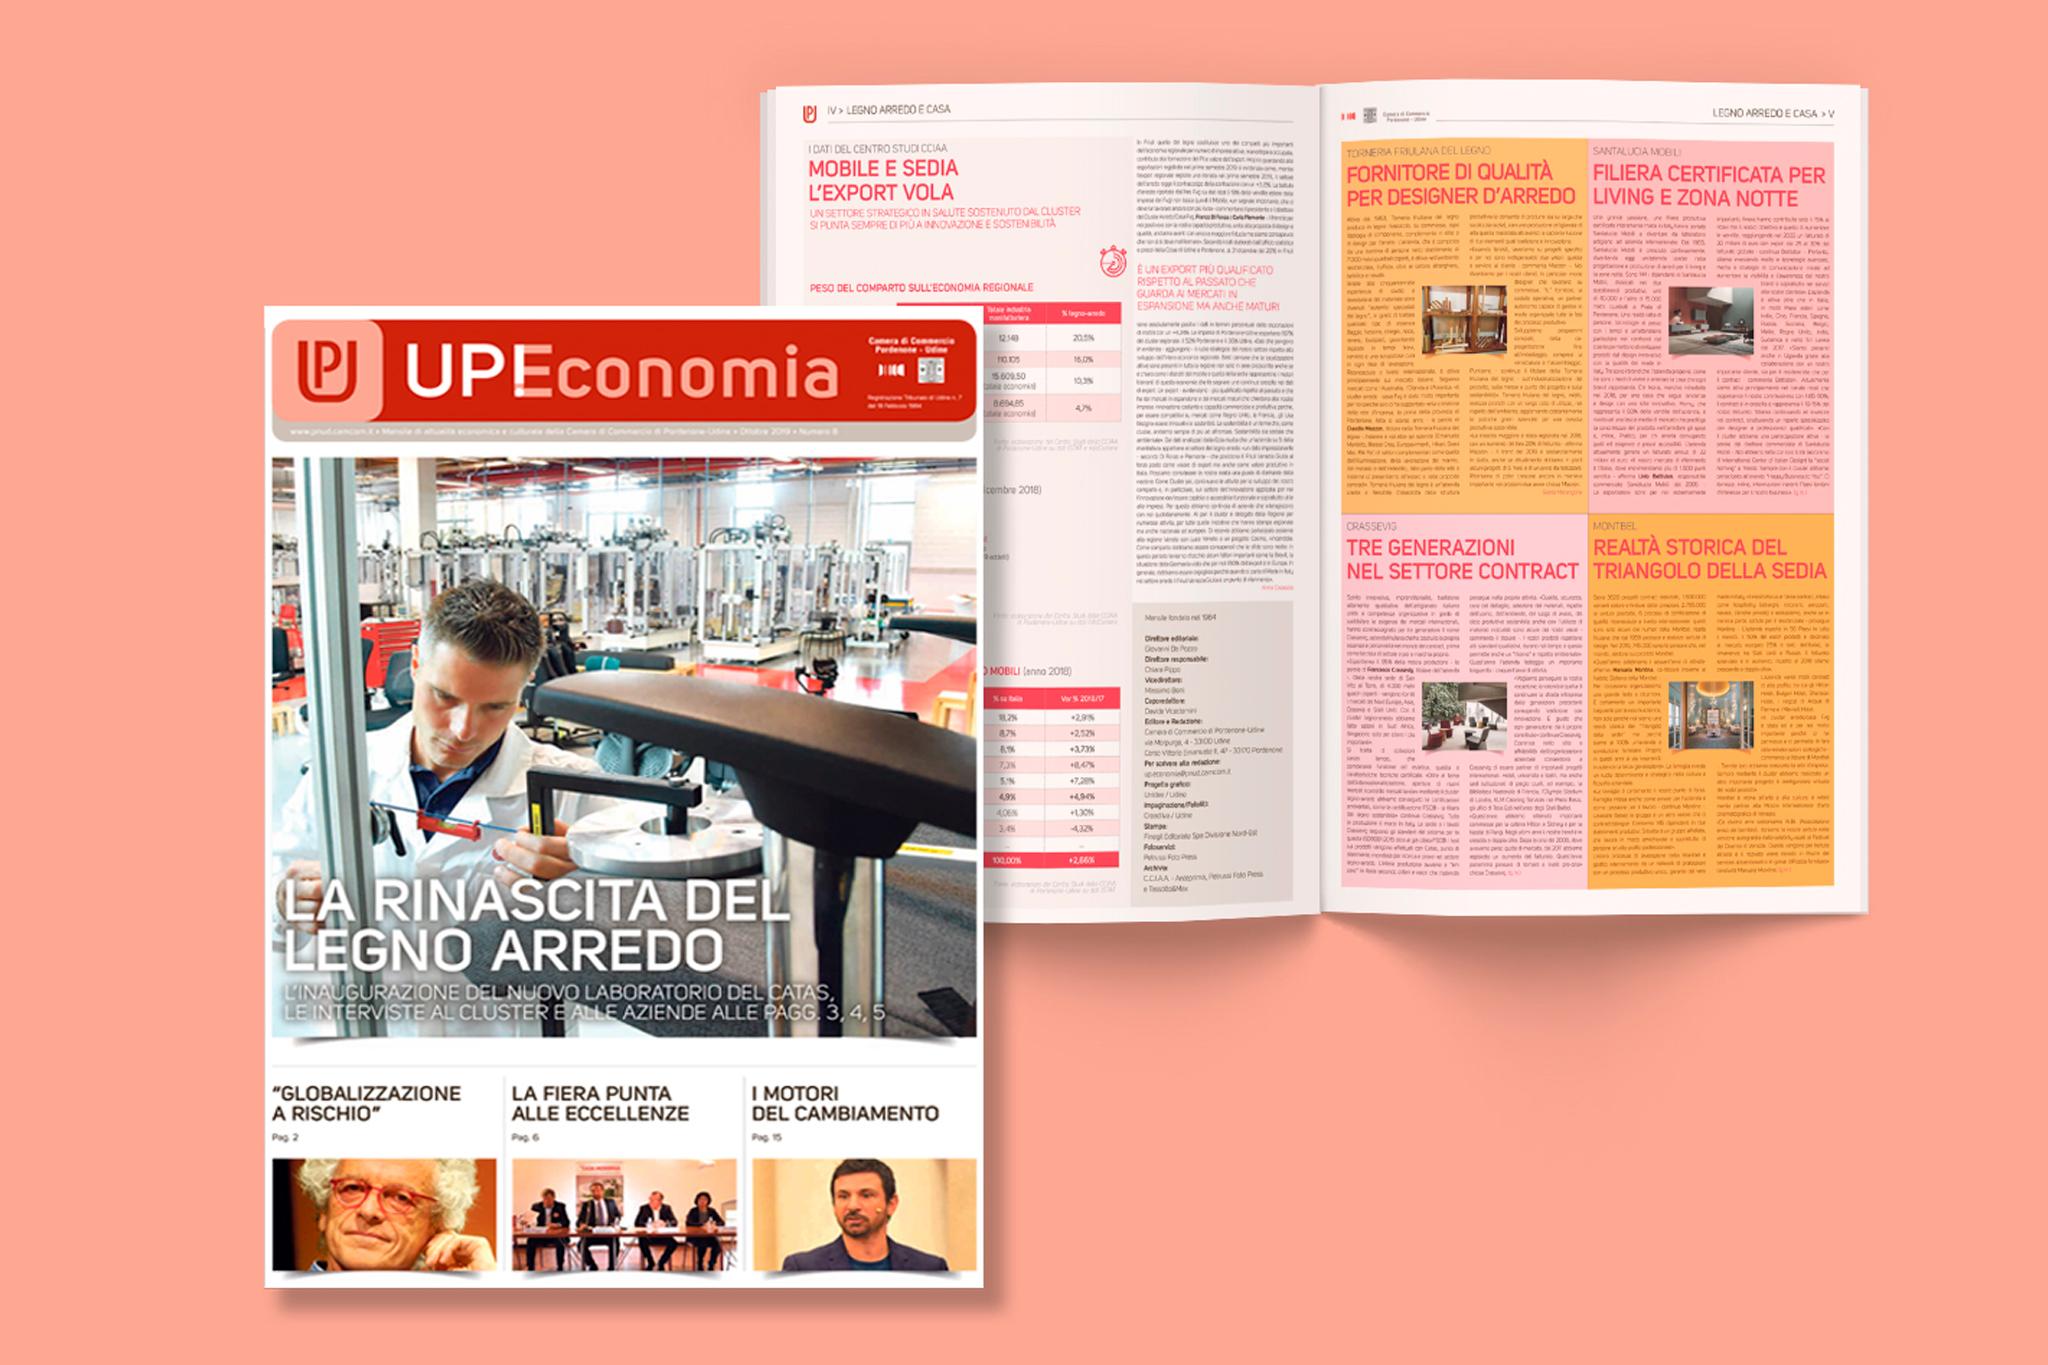 Up! Economia